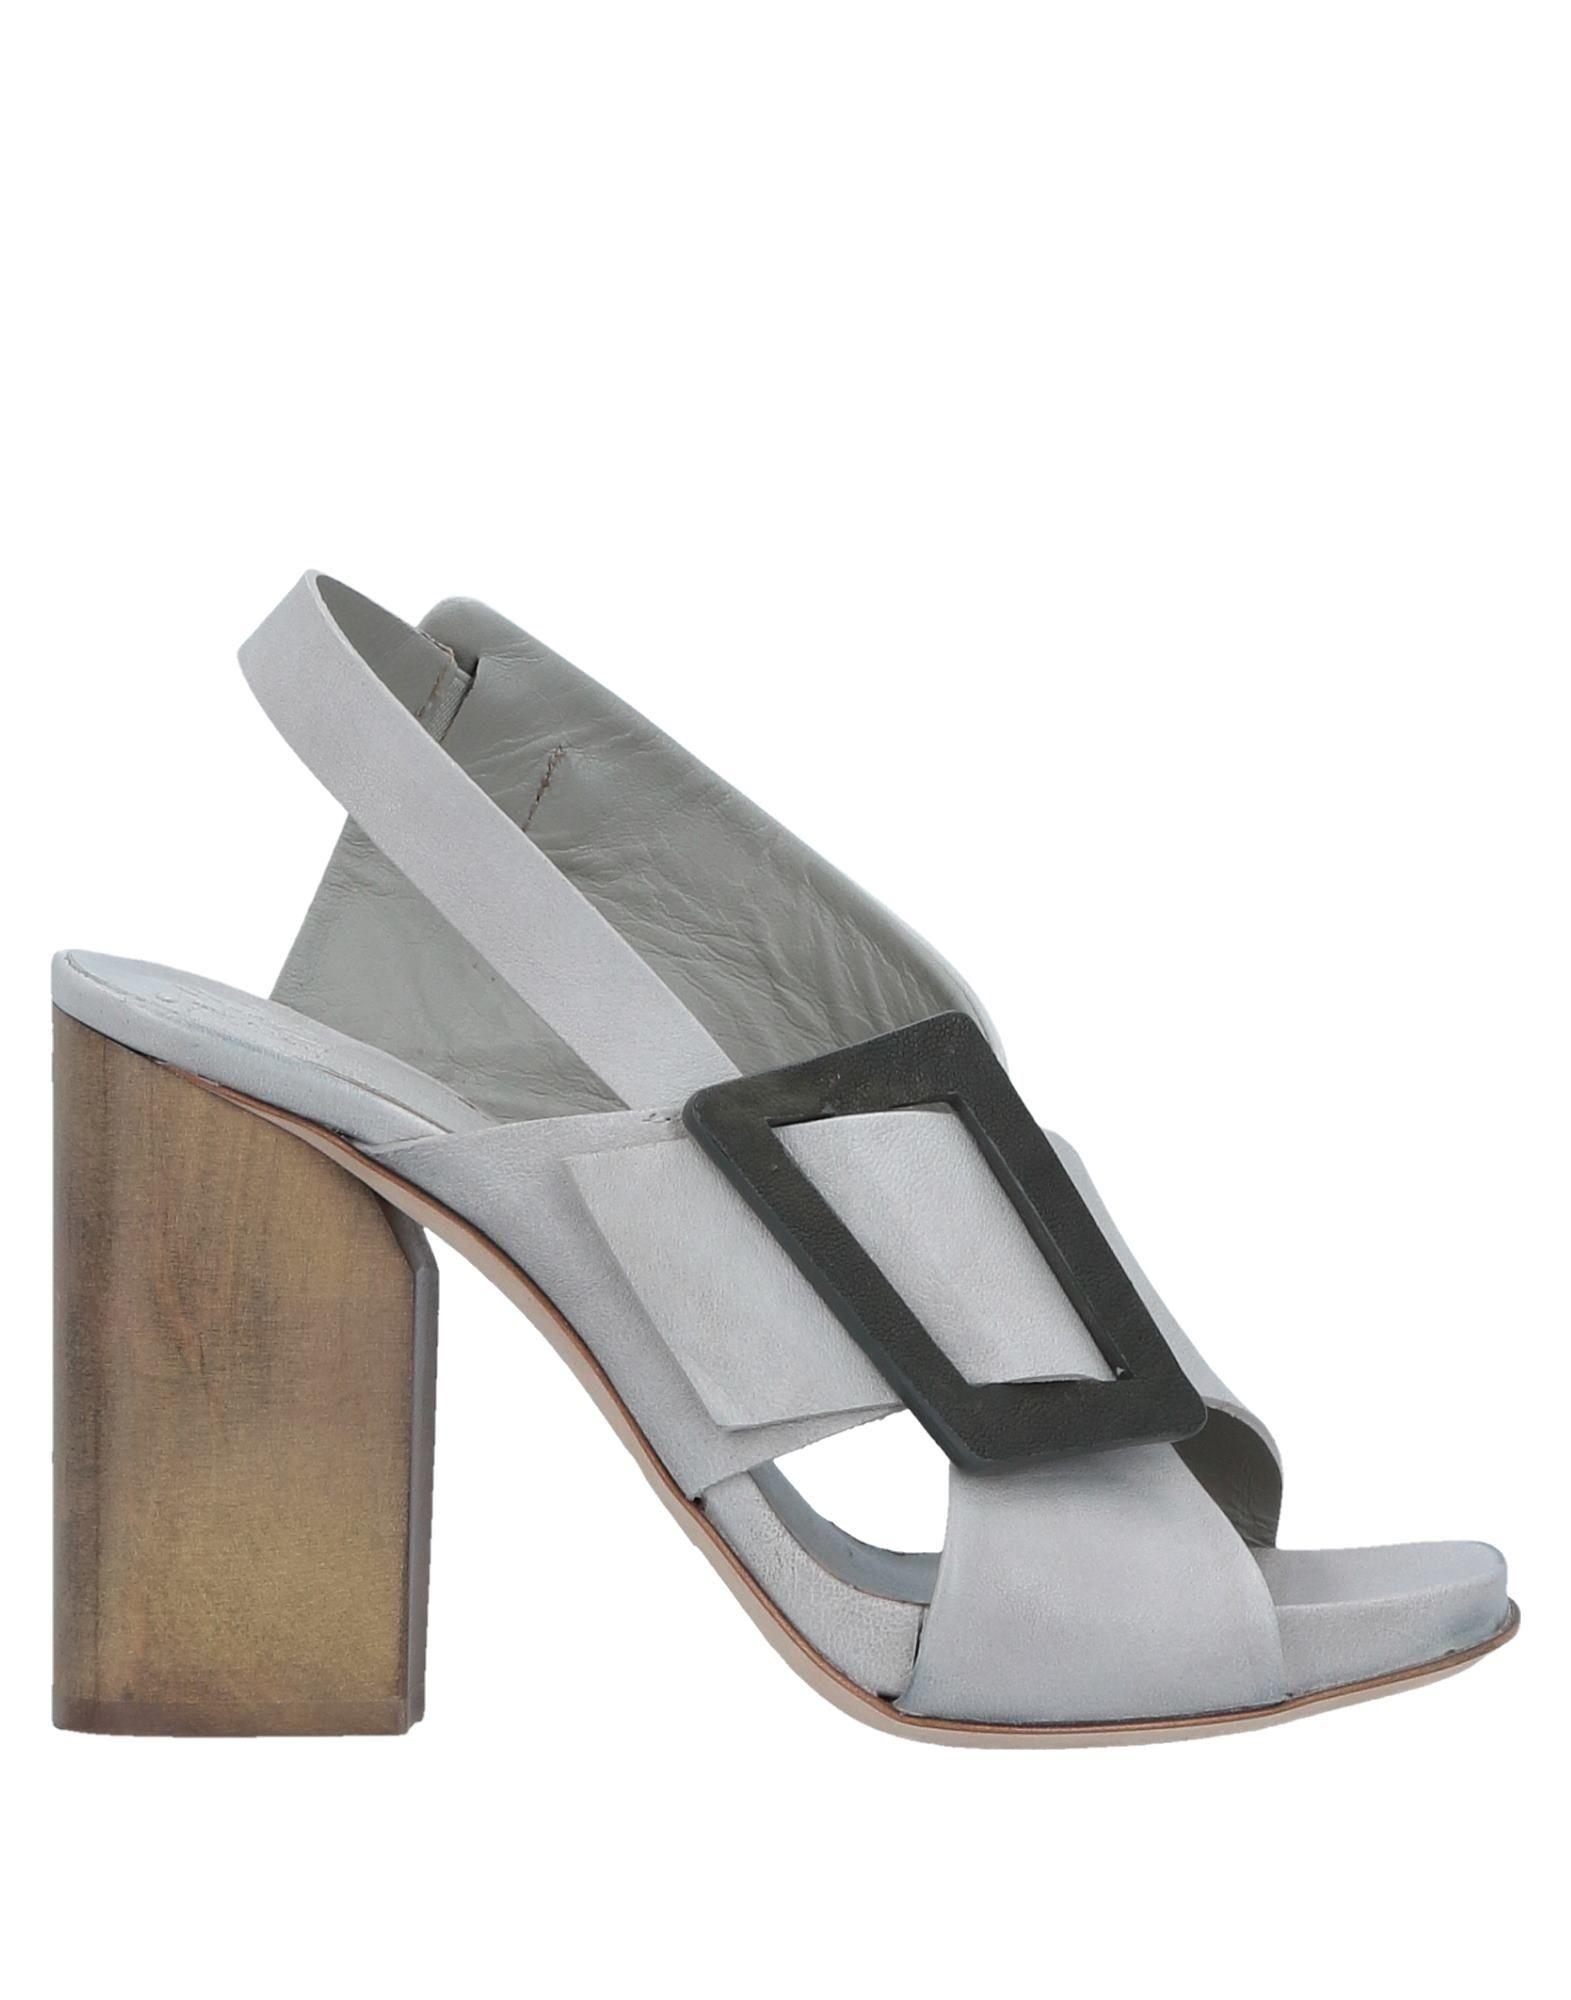 Klassischer Stil-2335,Ixos Sandalen Damen sich Gutes Preis-Leistungs-Verhältnis, es lohnt sich Damen 60a8ba